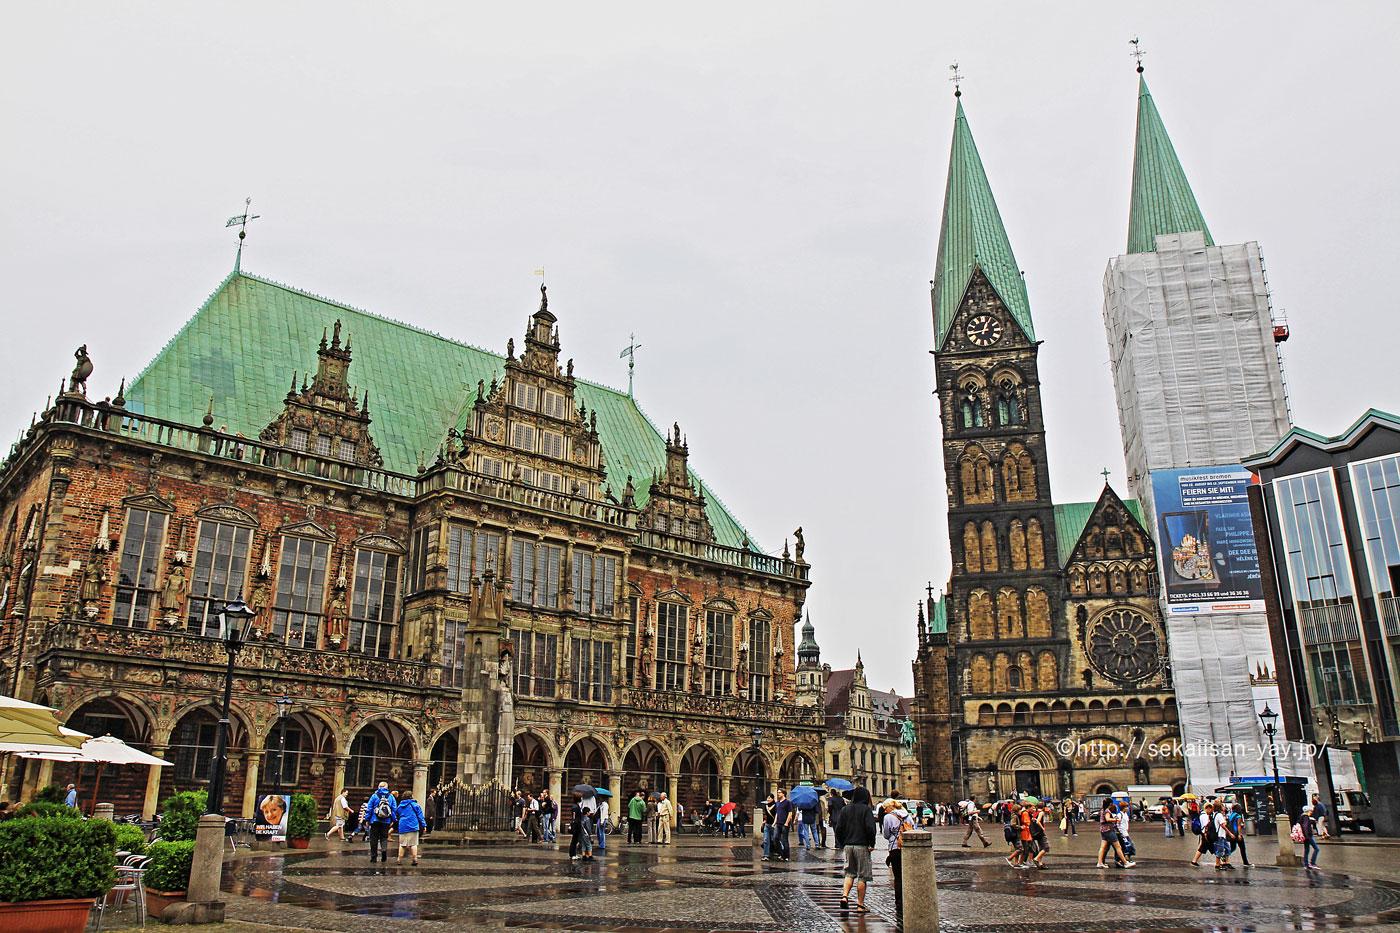 ドイツの世界遺産「ブレーメンのマルクト広場の市庁舎とローラント像」